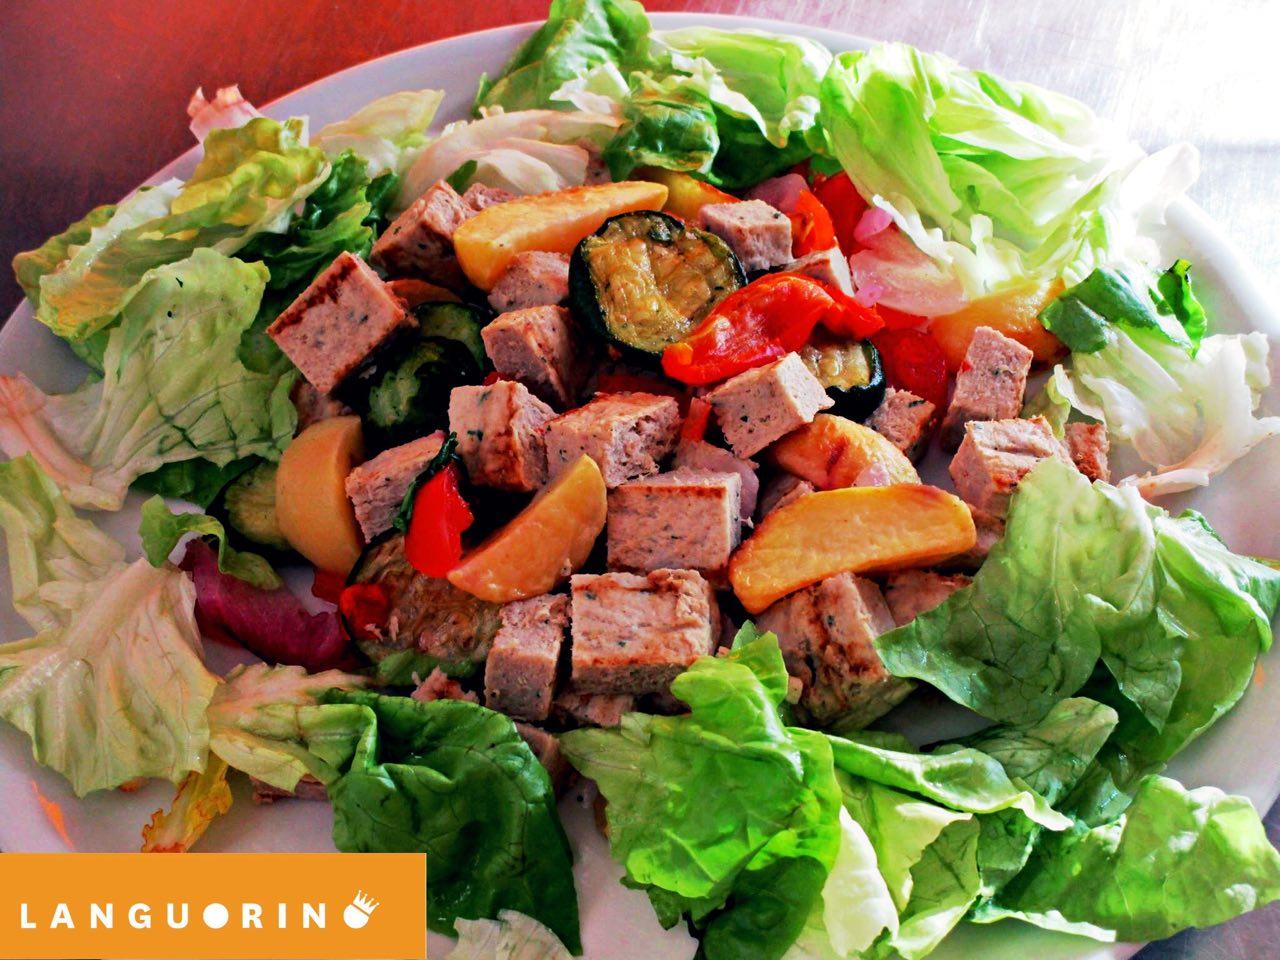 Insalata mista con melanzana,peperoni,prosciutto e salsiccia